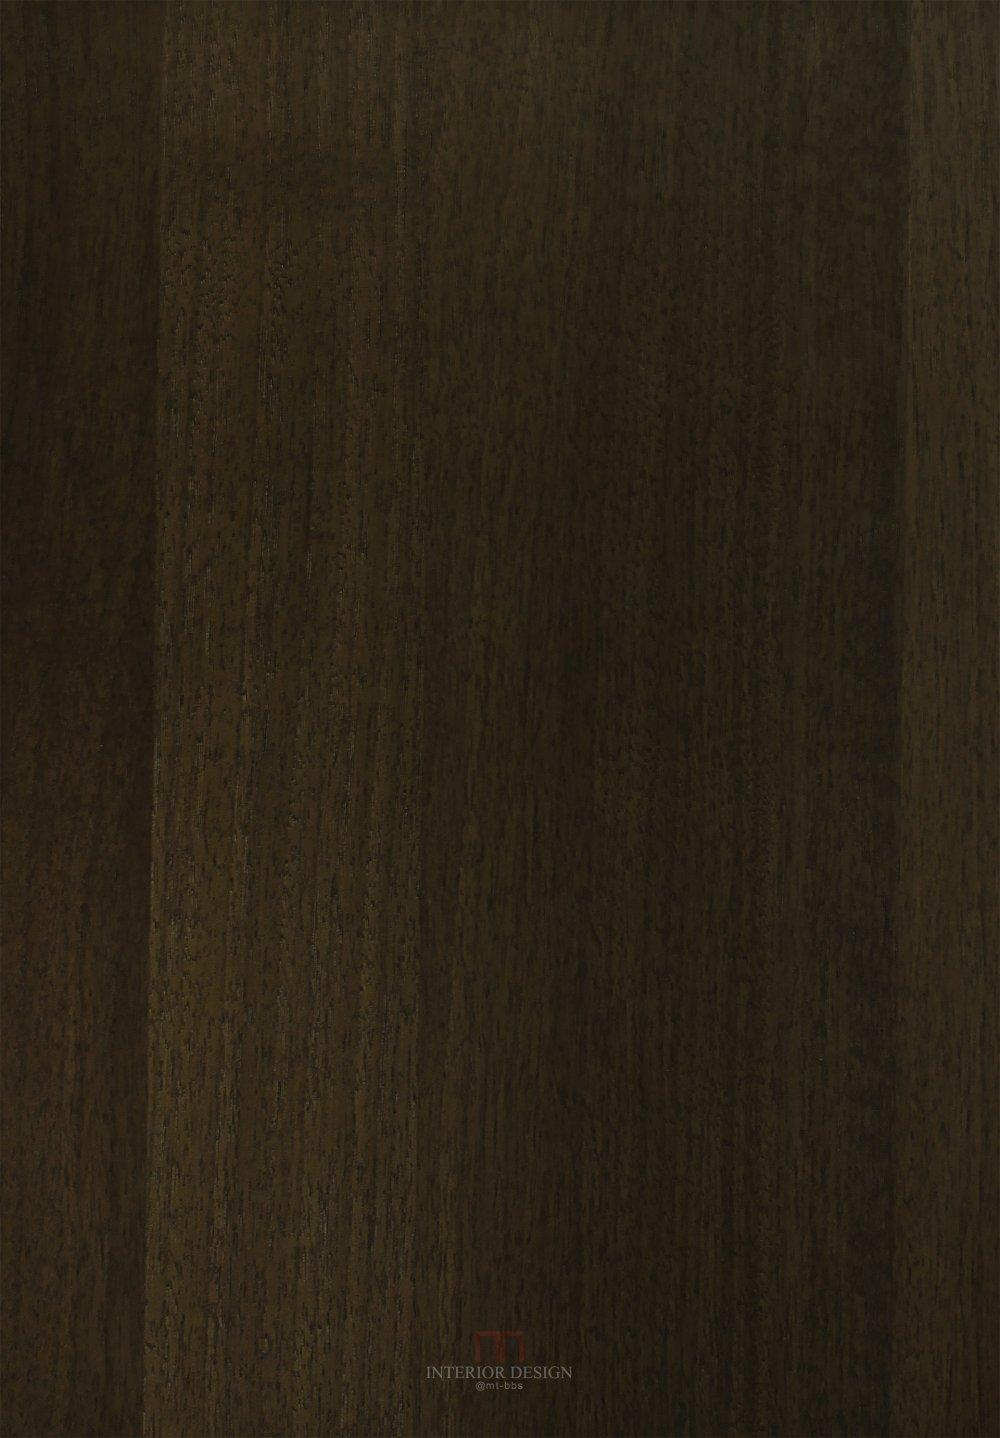 天然木纹_K6121BS_F0603.jpg